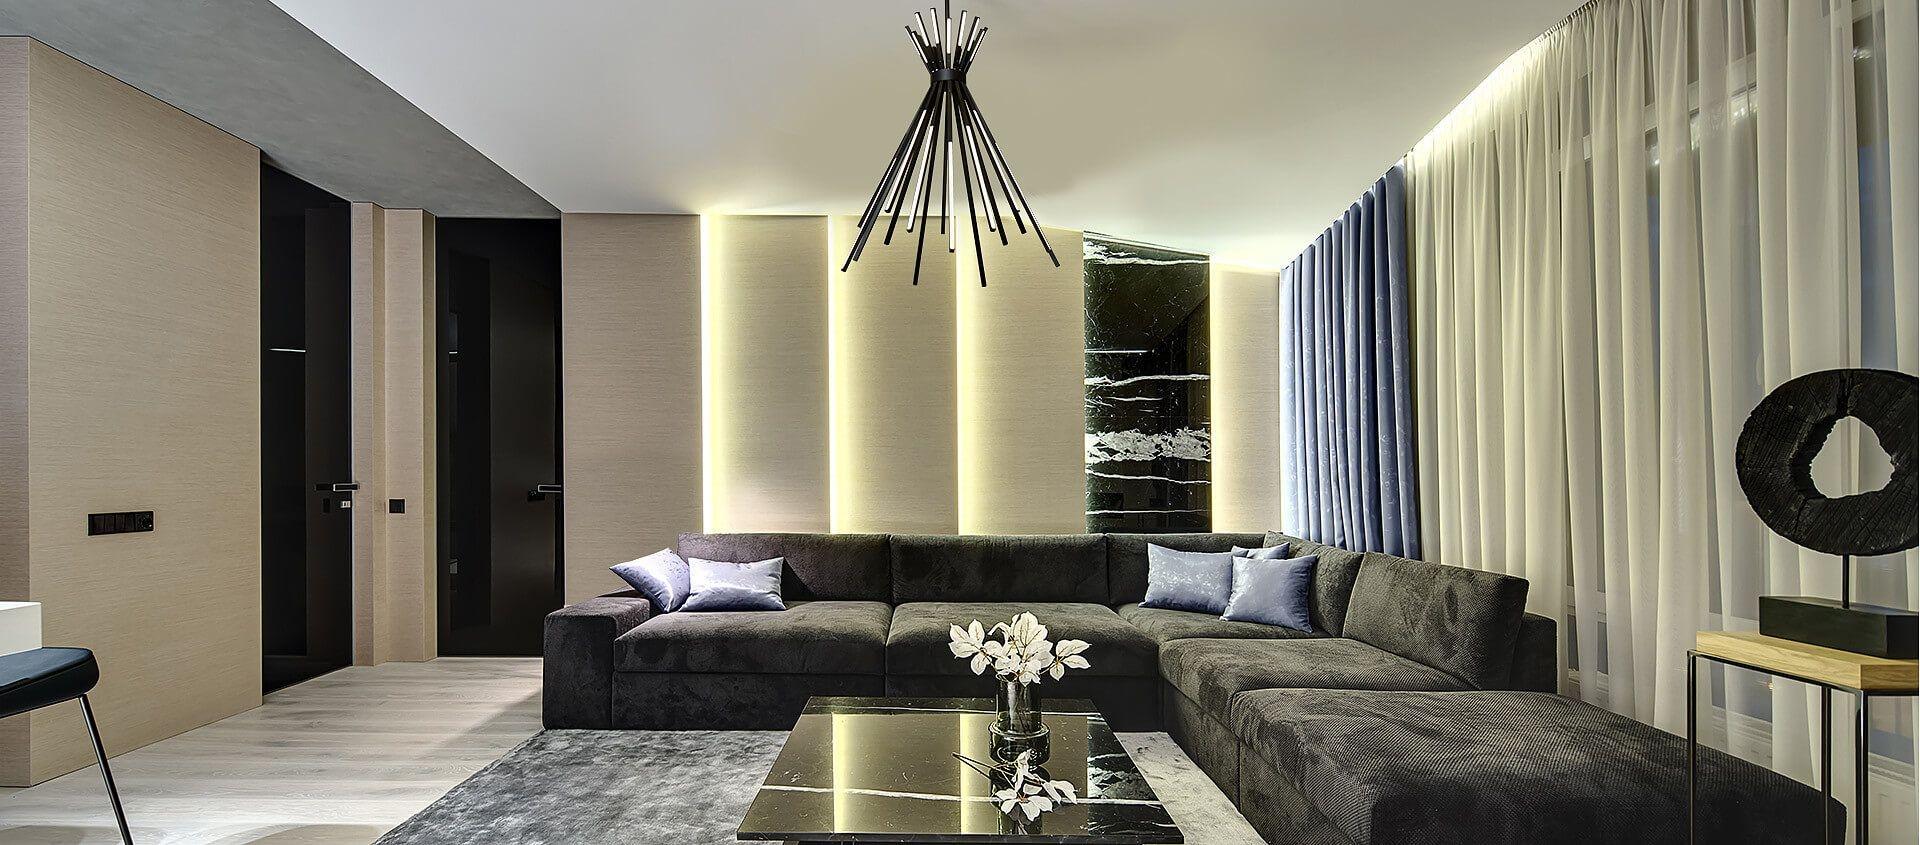 Jak zaprojektować oświetlenie w salonie